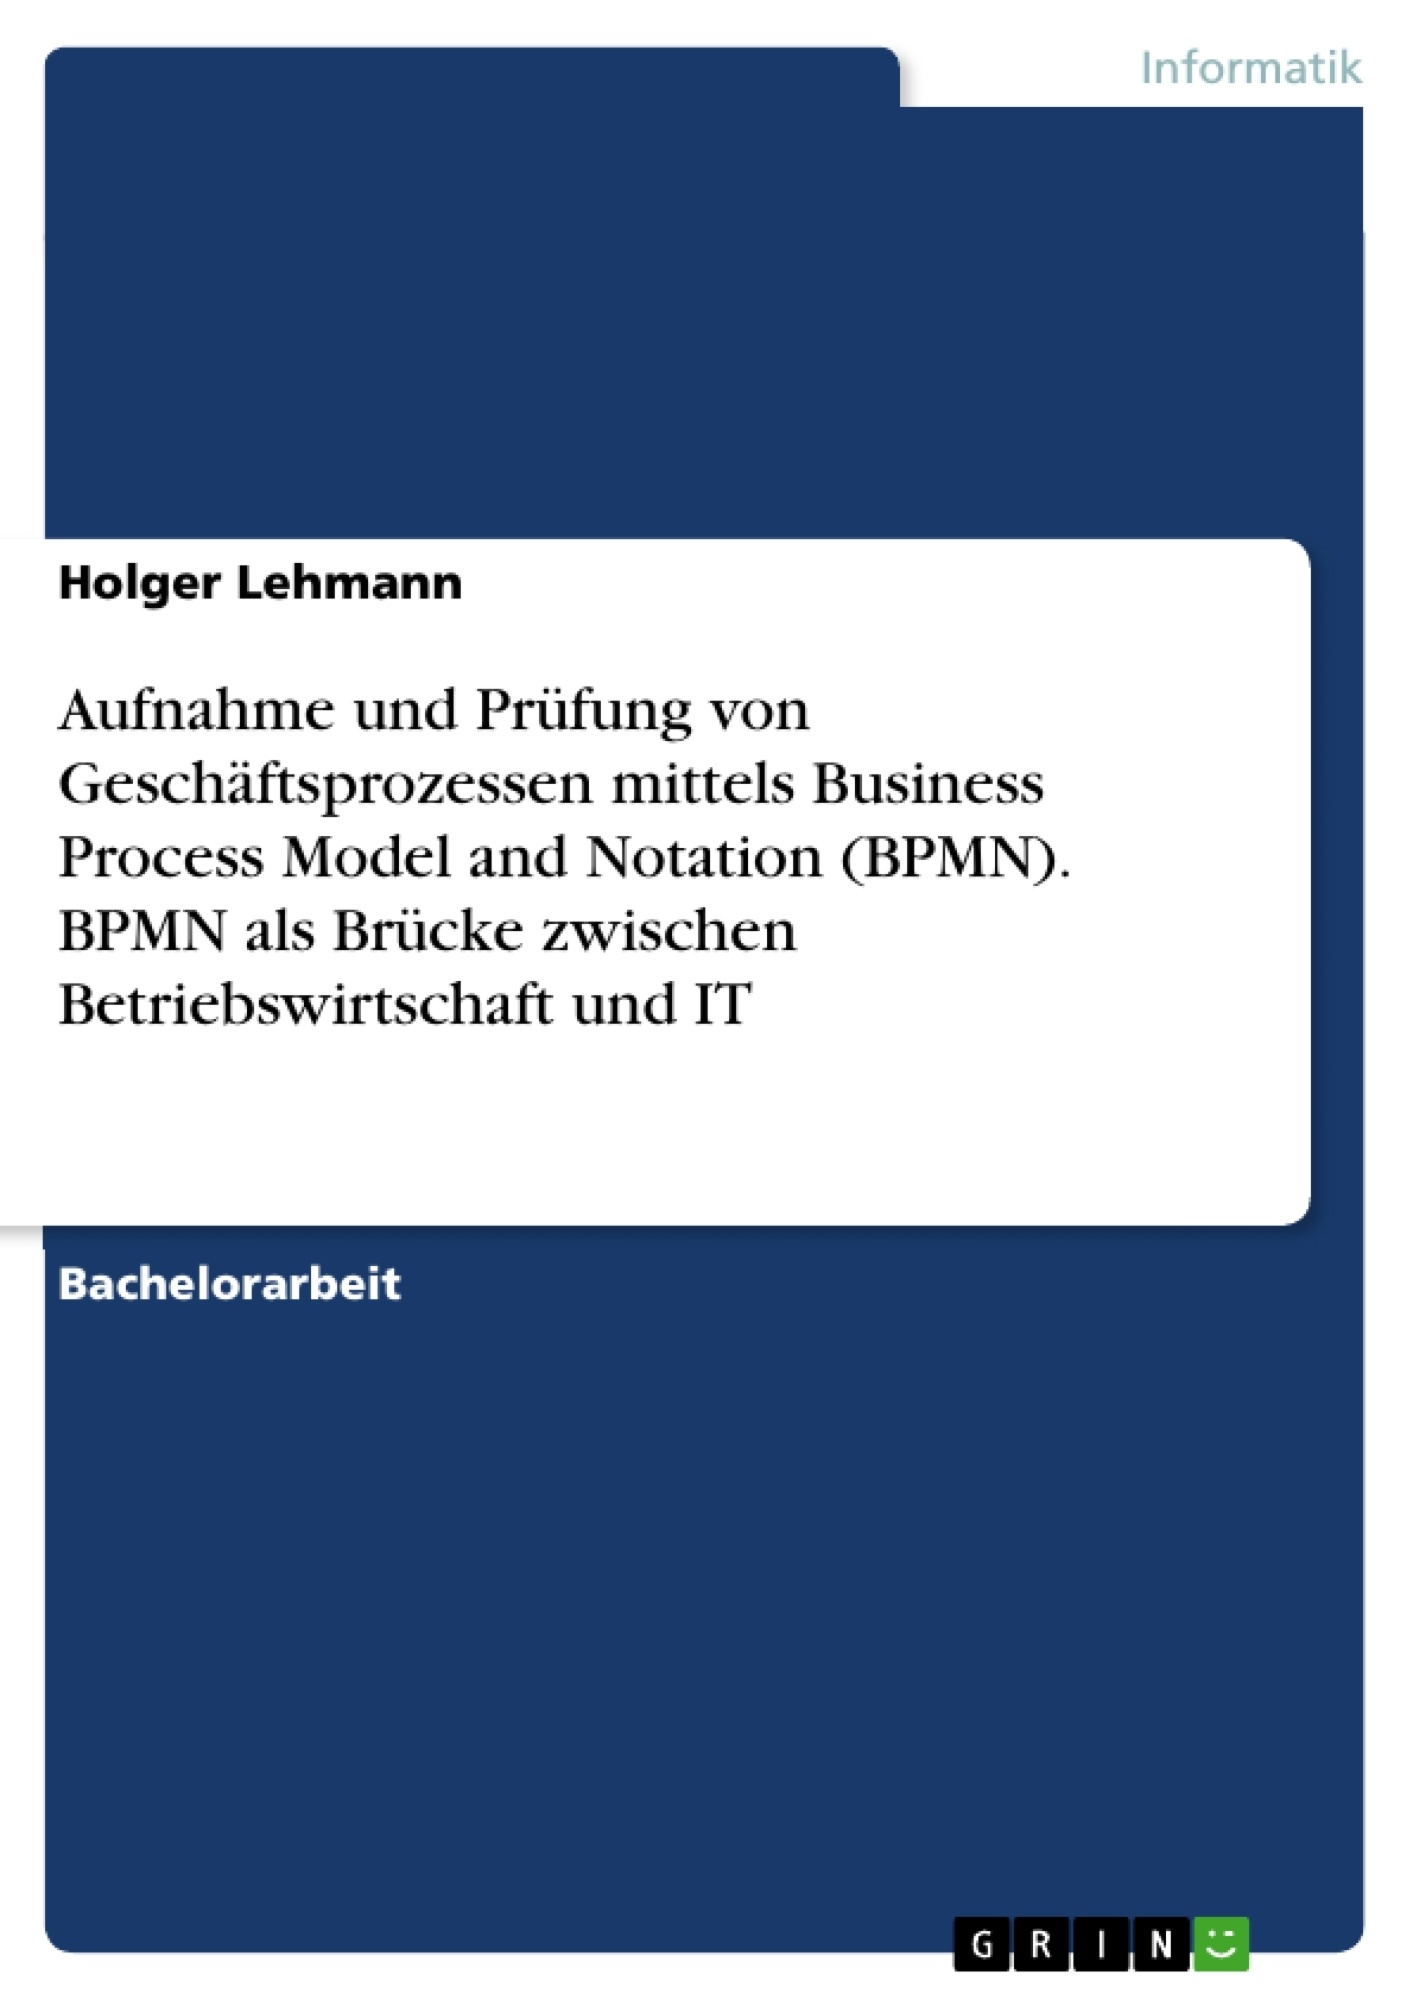 Titel: Aufnahme und Prüfung von Geschäftsprozessen mittels Business Process Model and Notation (BPMN). BPMN als Brücke zwischen Betriebswirtschaft und IT